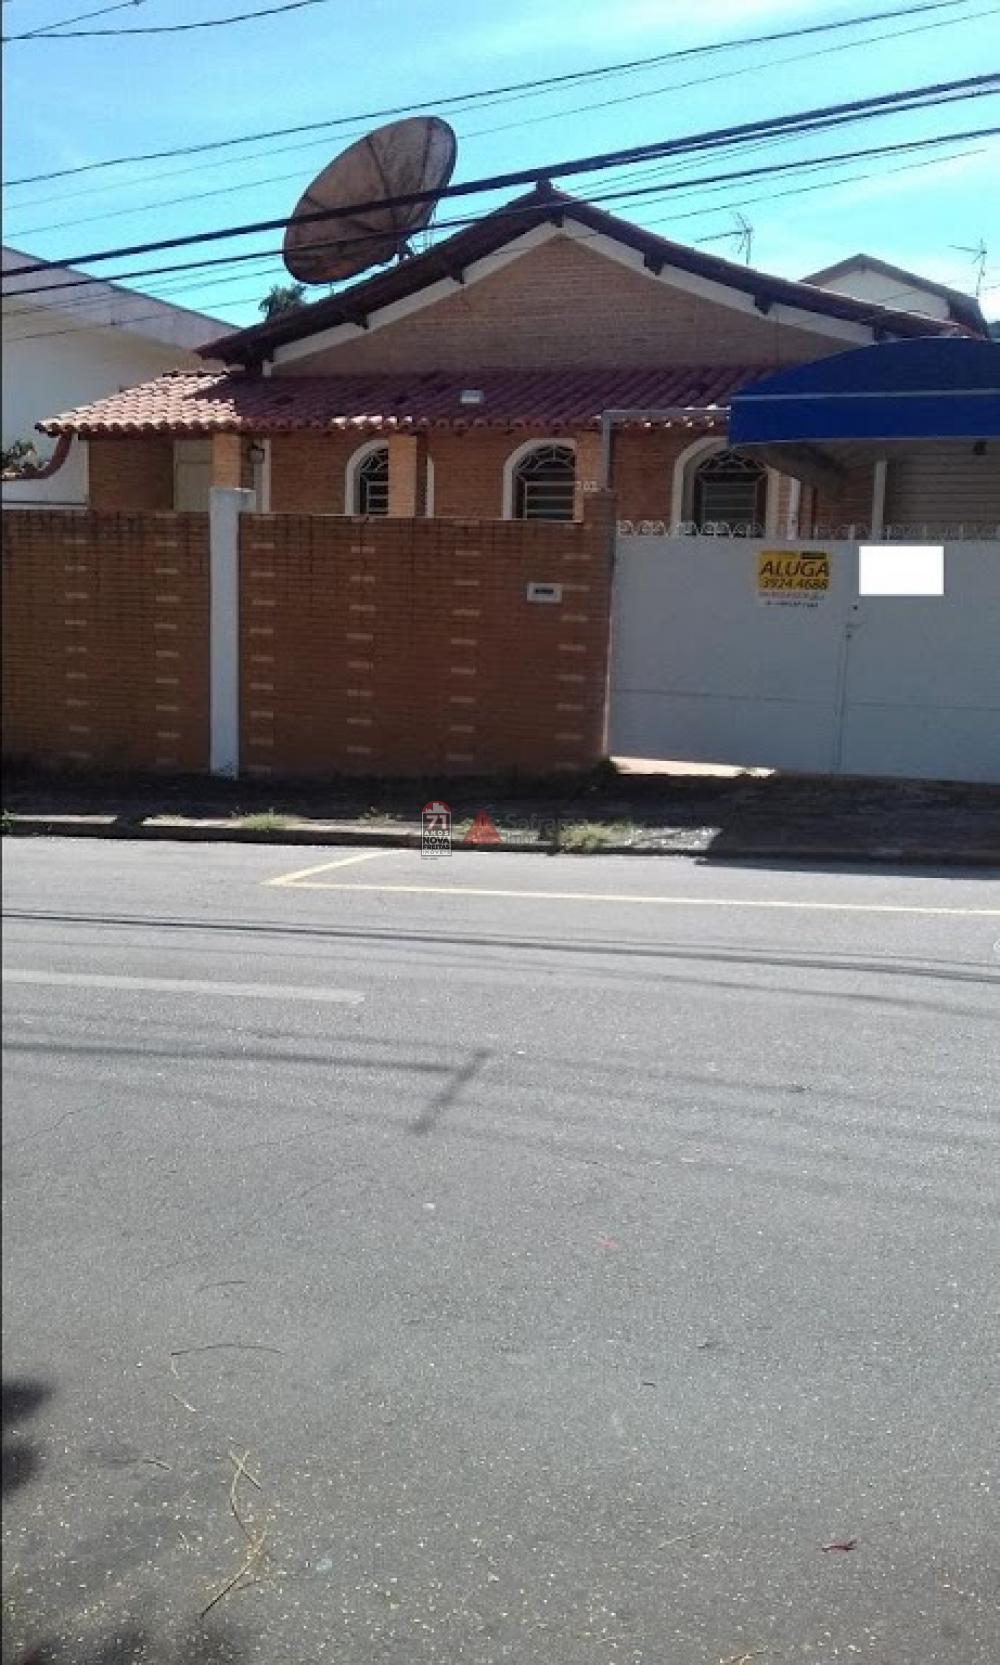 Alugar Comercial / Casa Comercial em São José dos Campos apenas R$ 3.500,00 - Foto 1